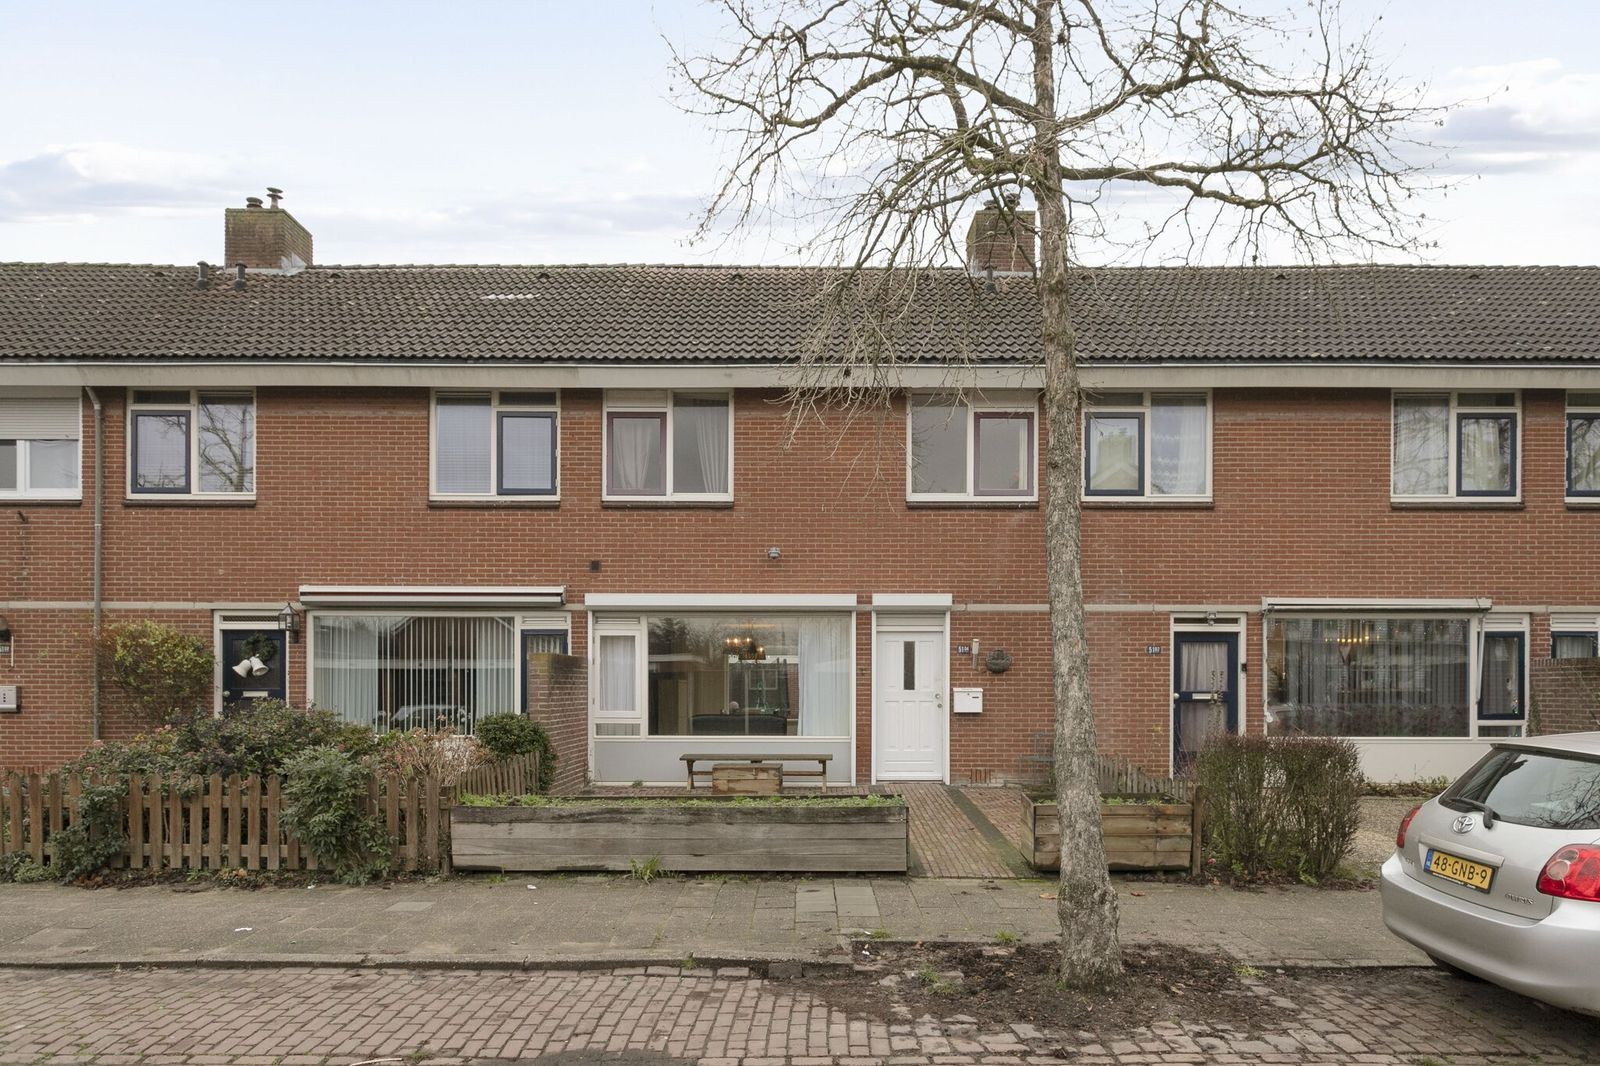 Meijhorst 5104, Nijmegen